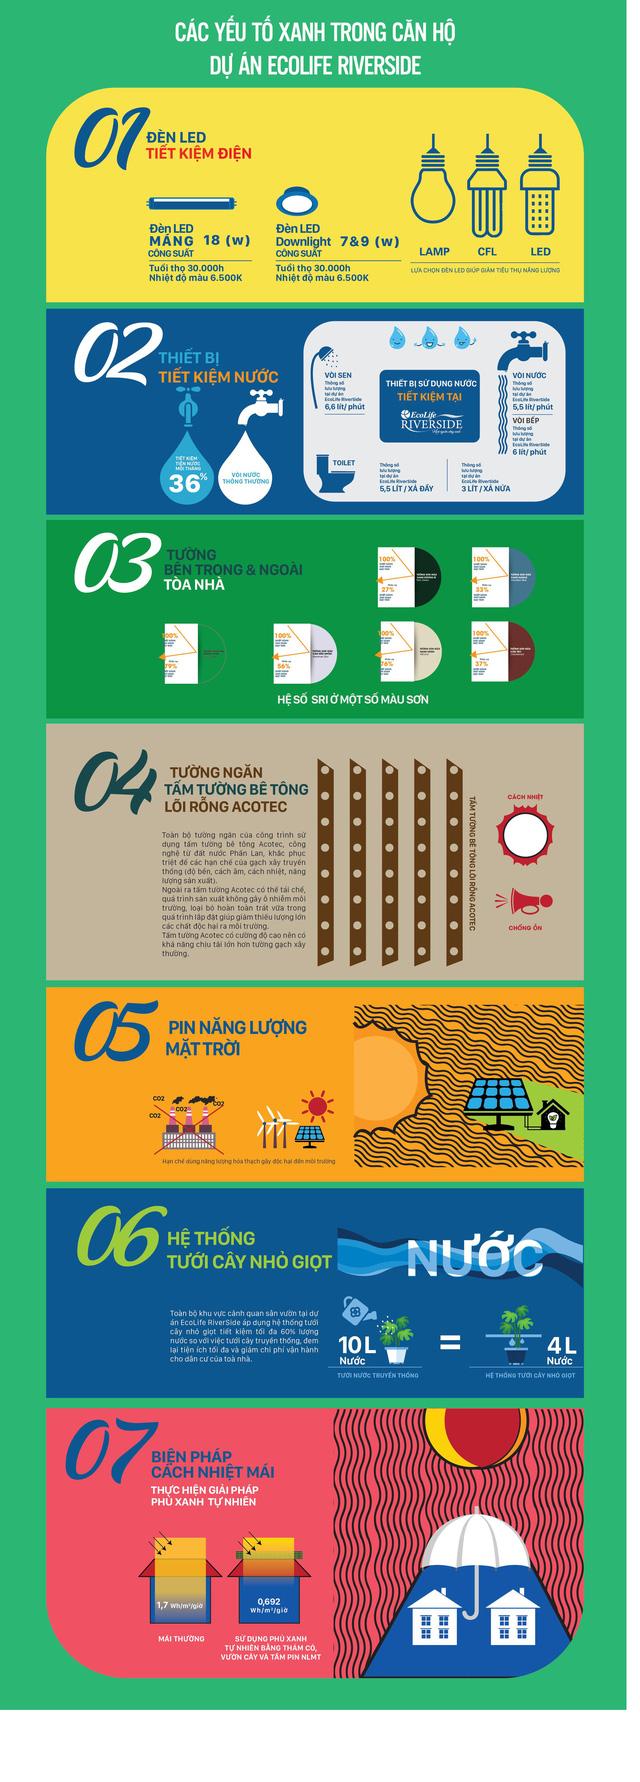 Các yếu tố Xanh trong Dự án Ecolife Riverside Quy Nhơn